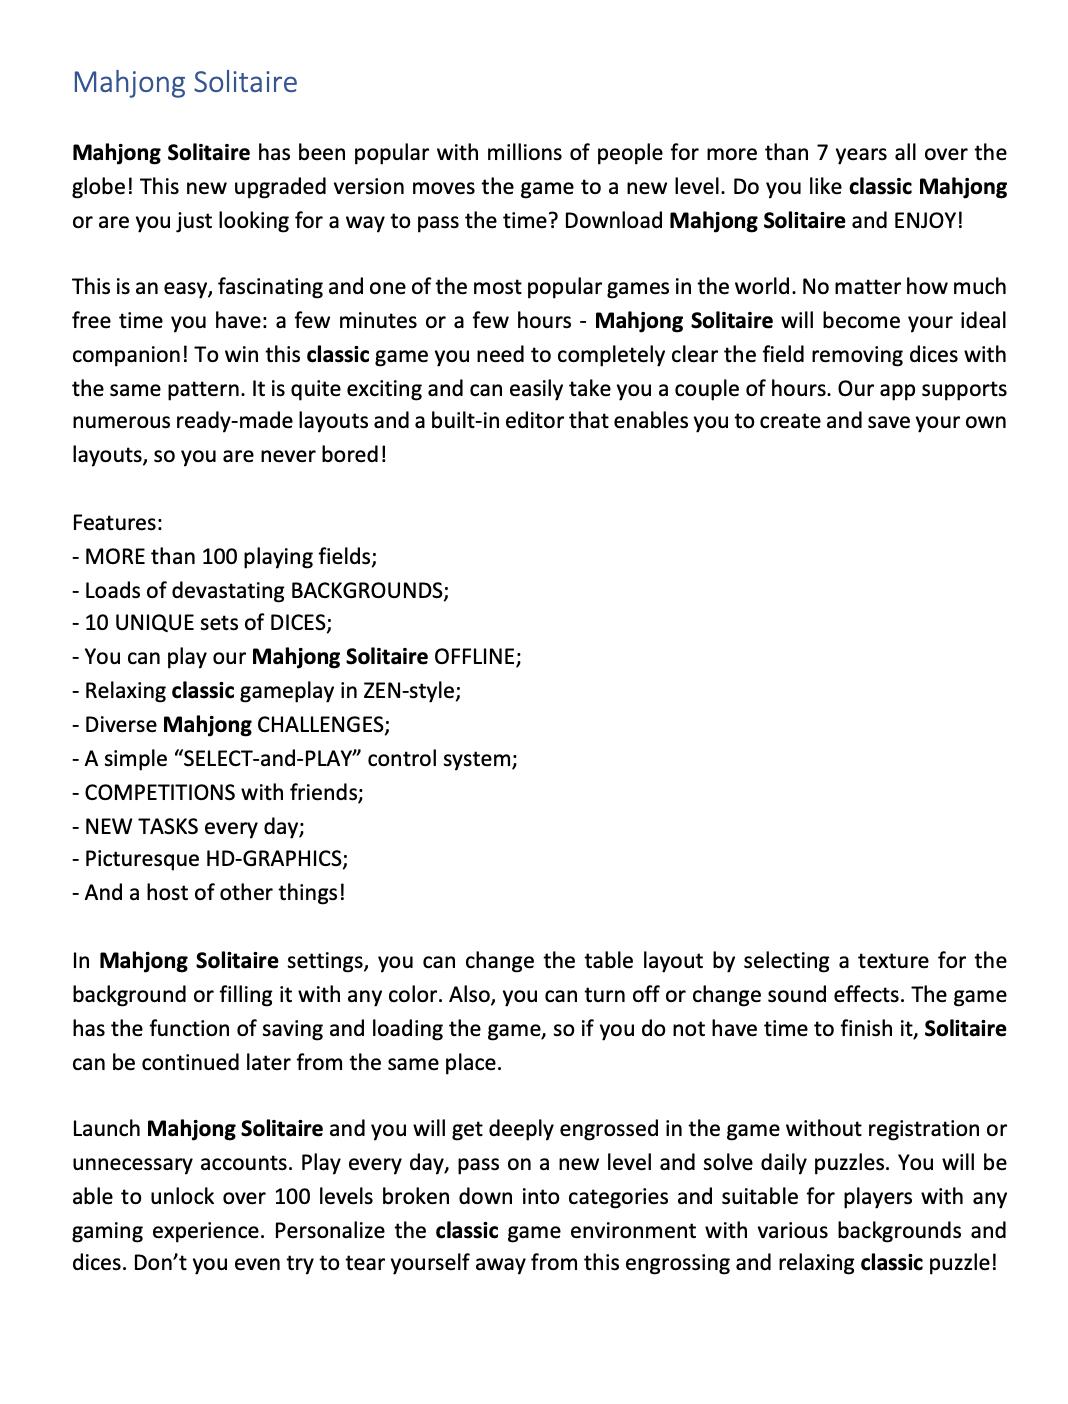 Пример текста на английском языке #65 -Текст на английском для Mahjong Solitaire